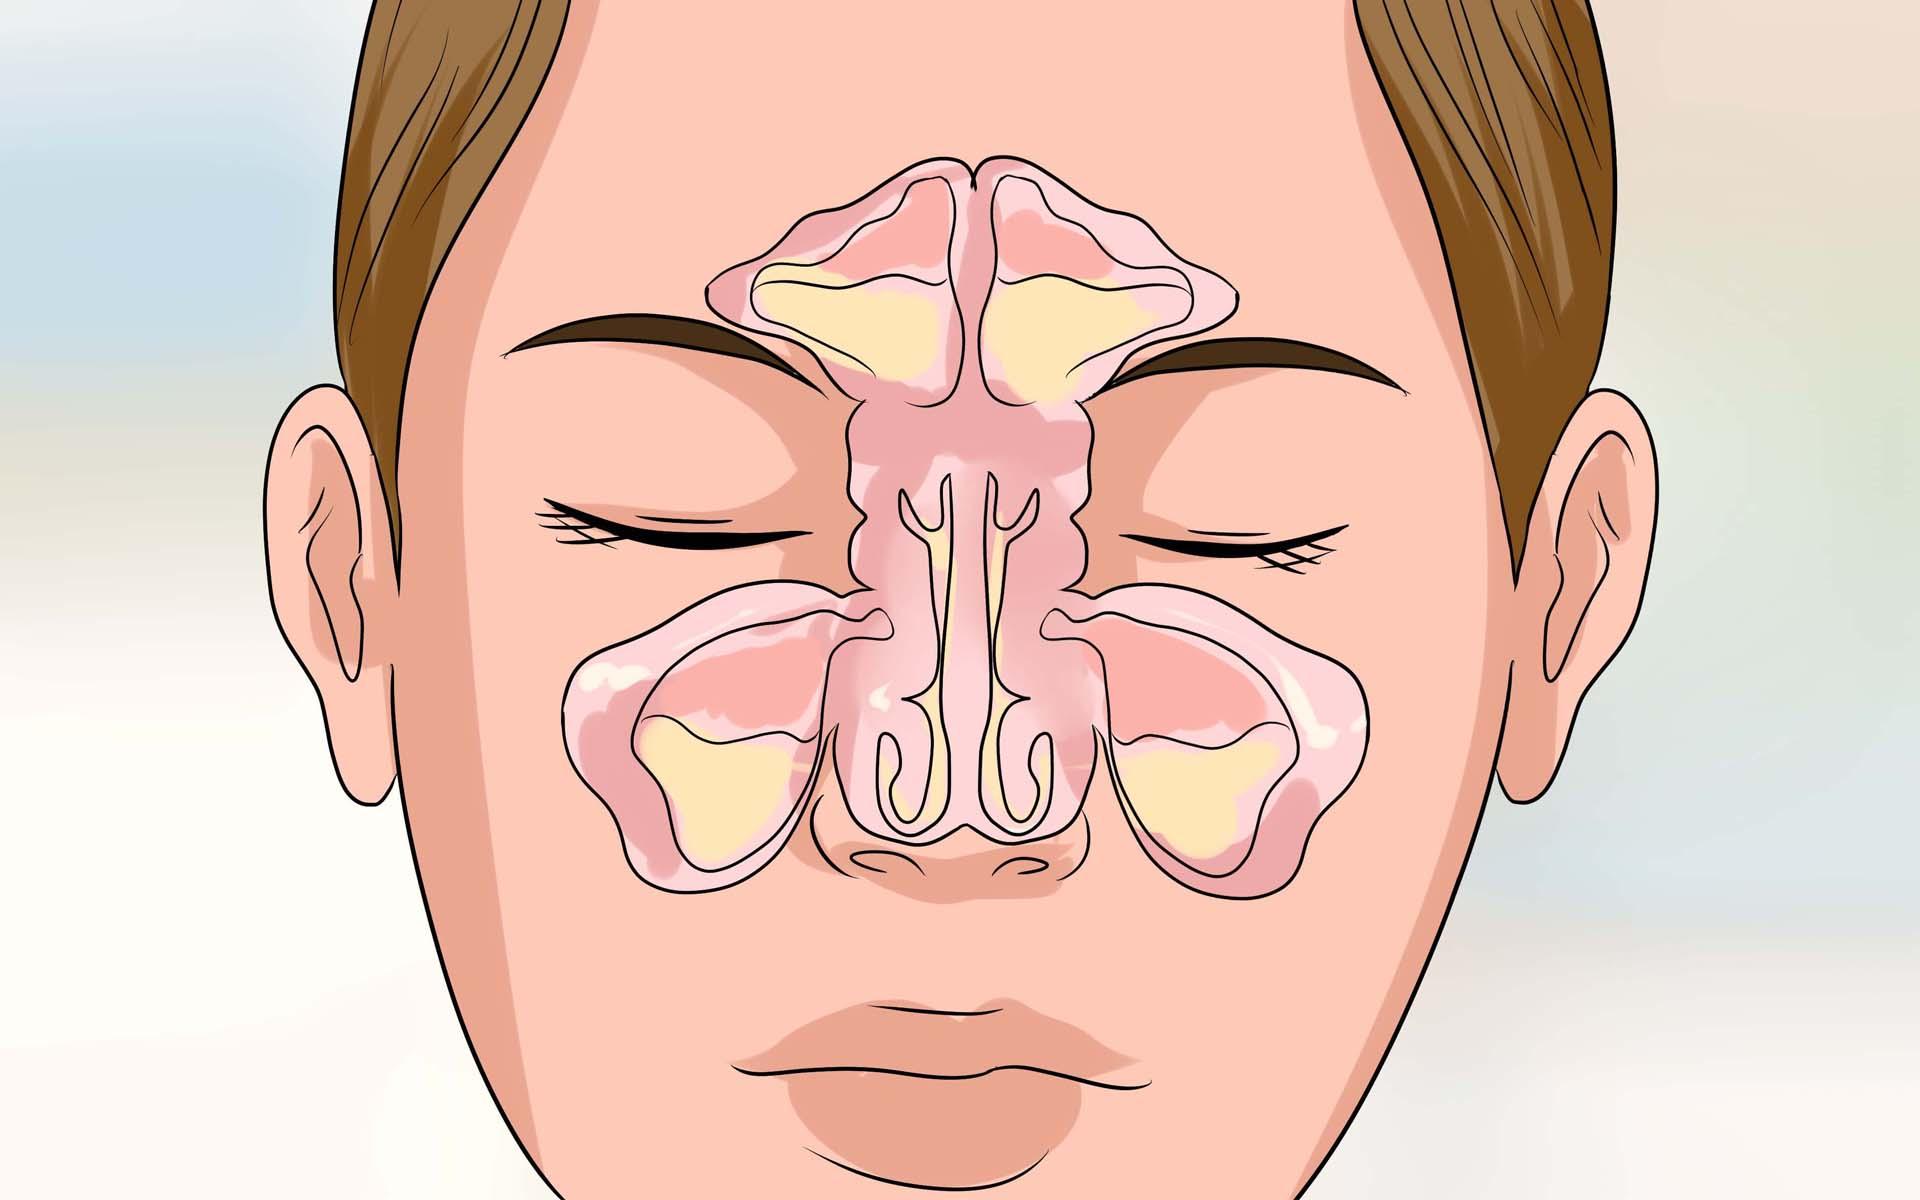 Симптомы гайморита у взрослых. лечение гайморита у взрослого. чем лечить, промывать нос? | рецепты здоровья